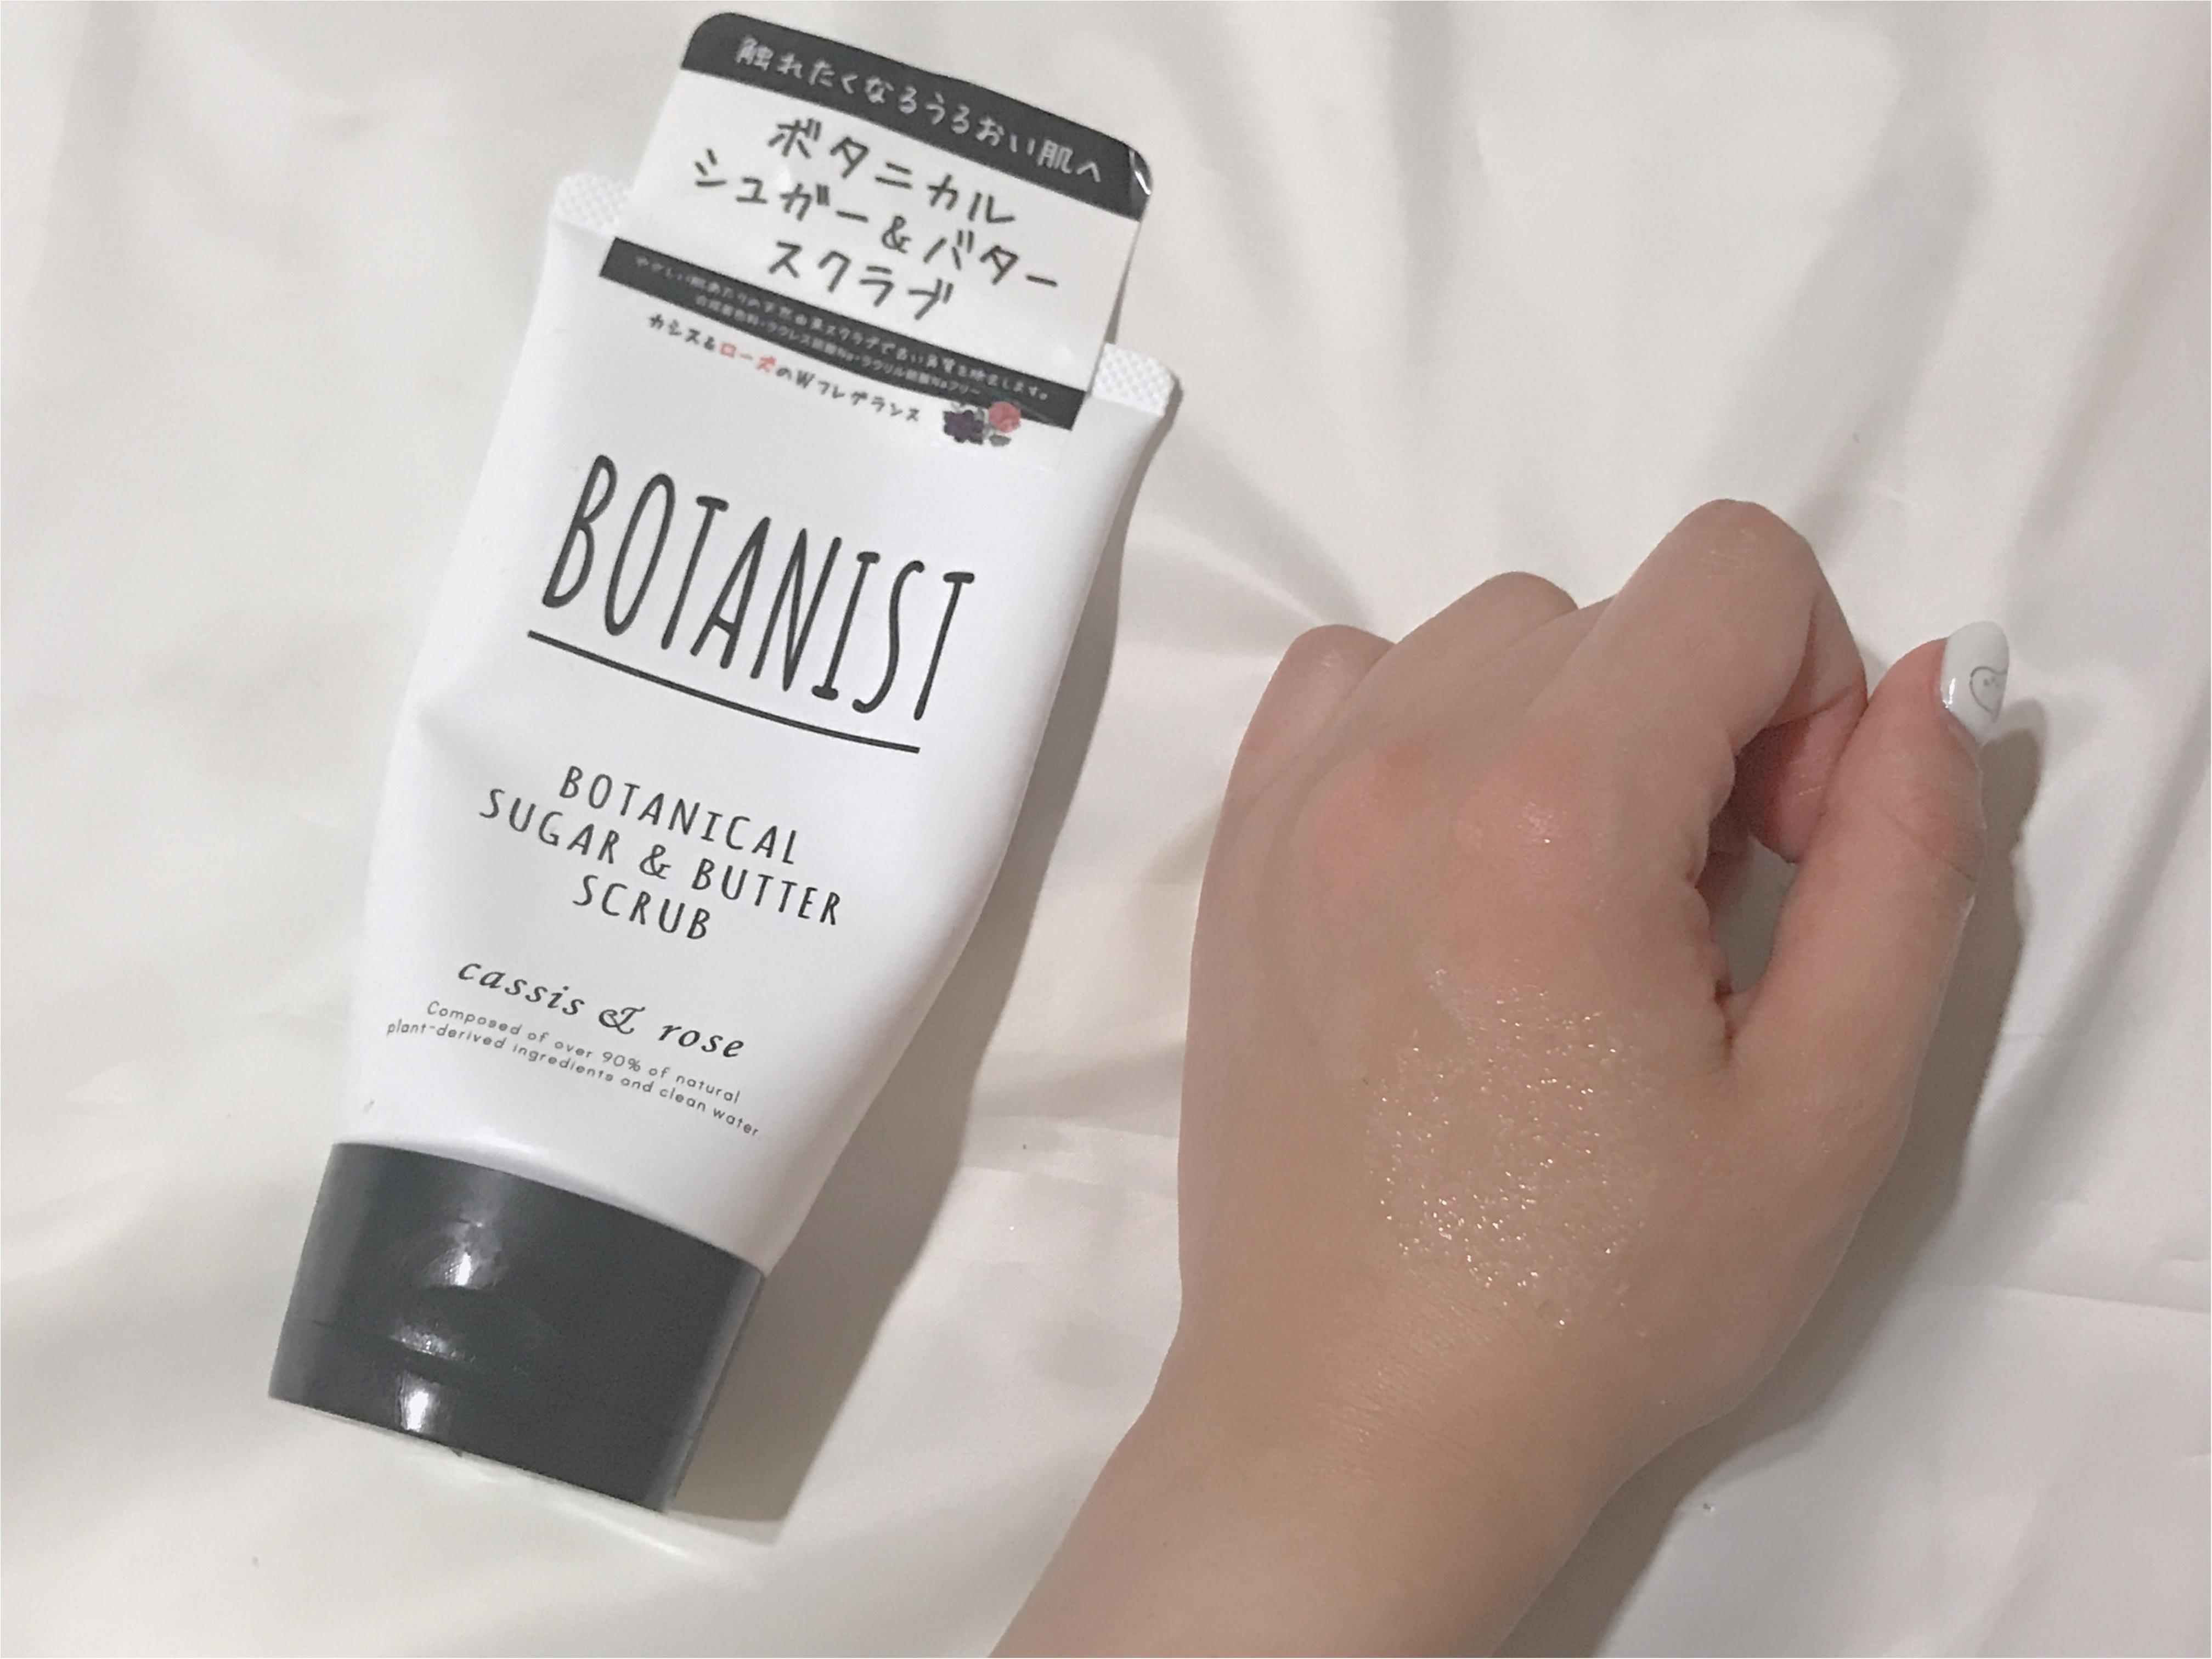 美白化粧品特集 - シミやくすみ対策・肌の透明感アップが期待できるコスメは? 記事Photo Gallery_1_44